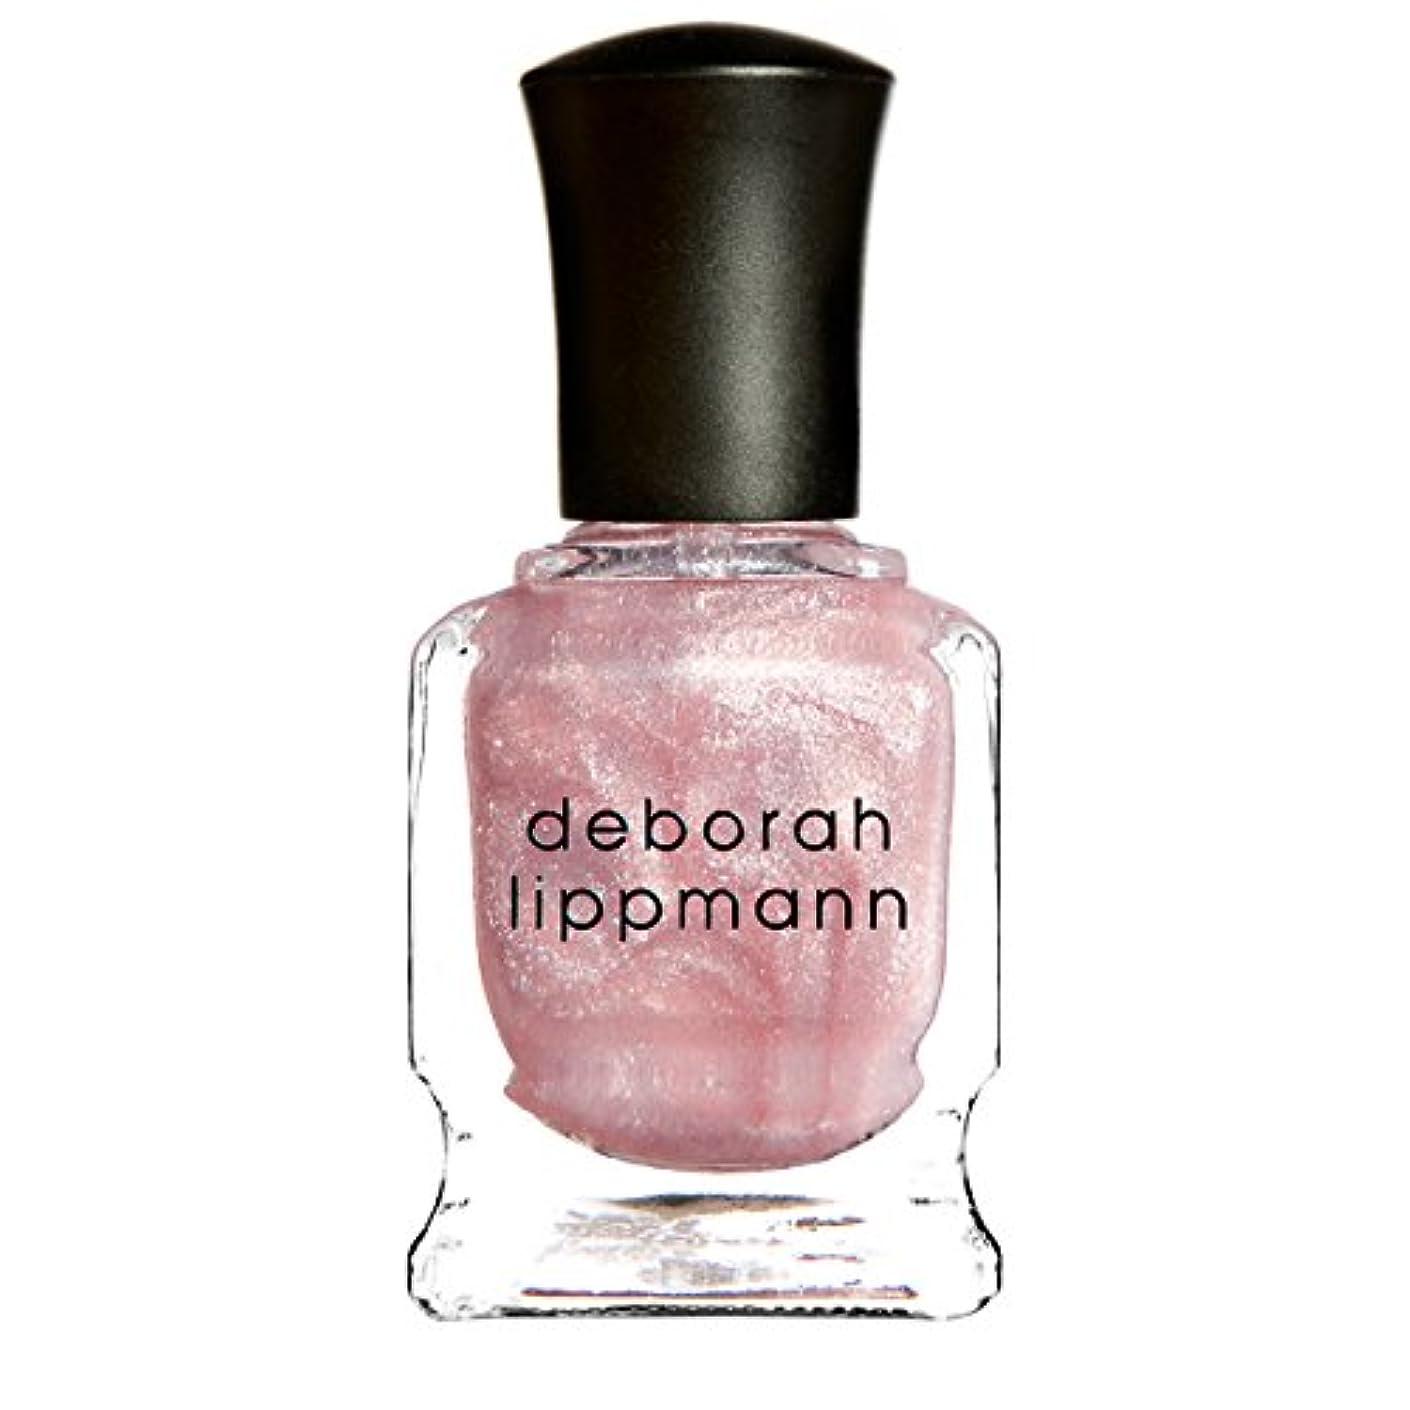 アルファベット羽推定[Deborah Lippmann] デボラリップマン ポリッシュ ピンク系 15mL (ホワットエバー ローラ ウォンツ)